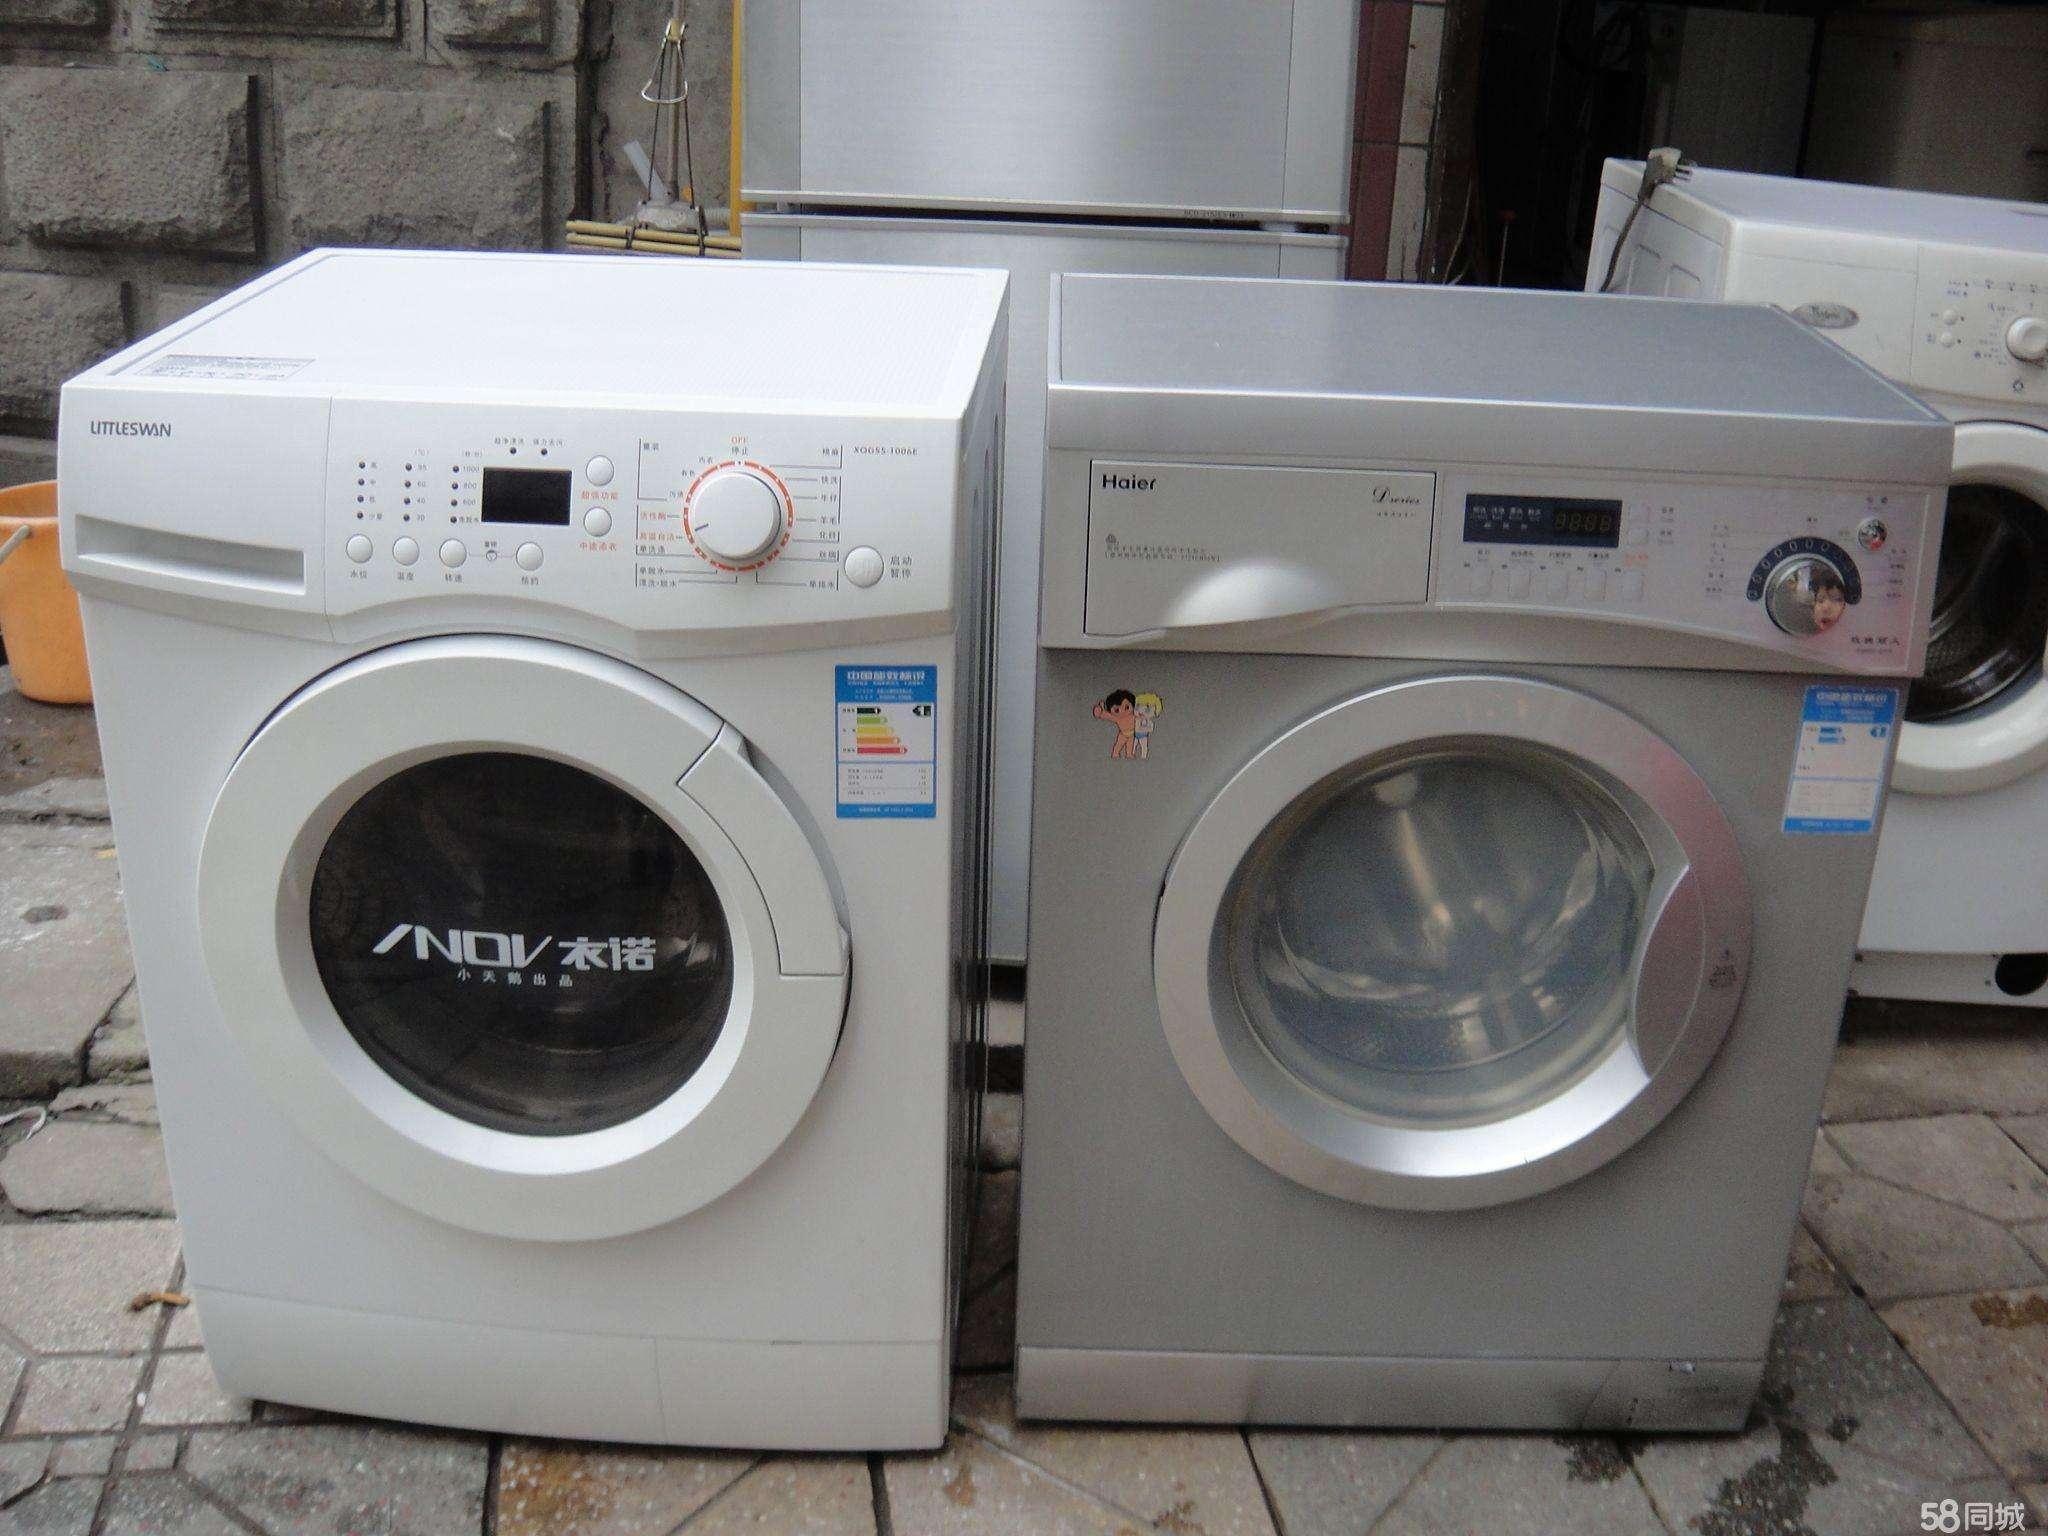 德阳玉泉附近收旧洗衣机家用电器电话